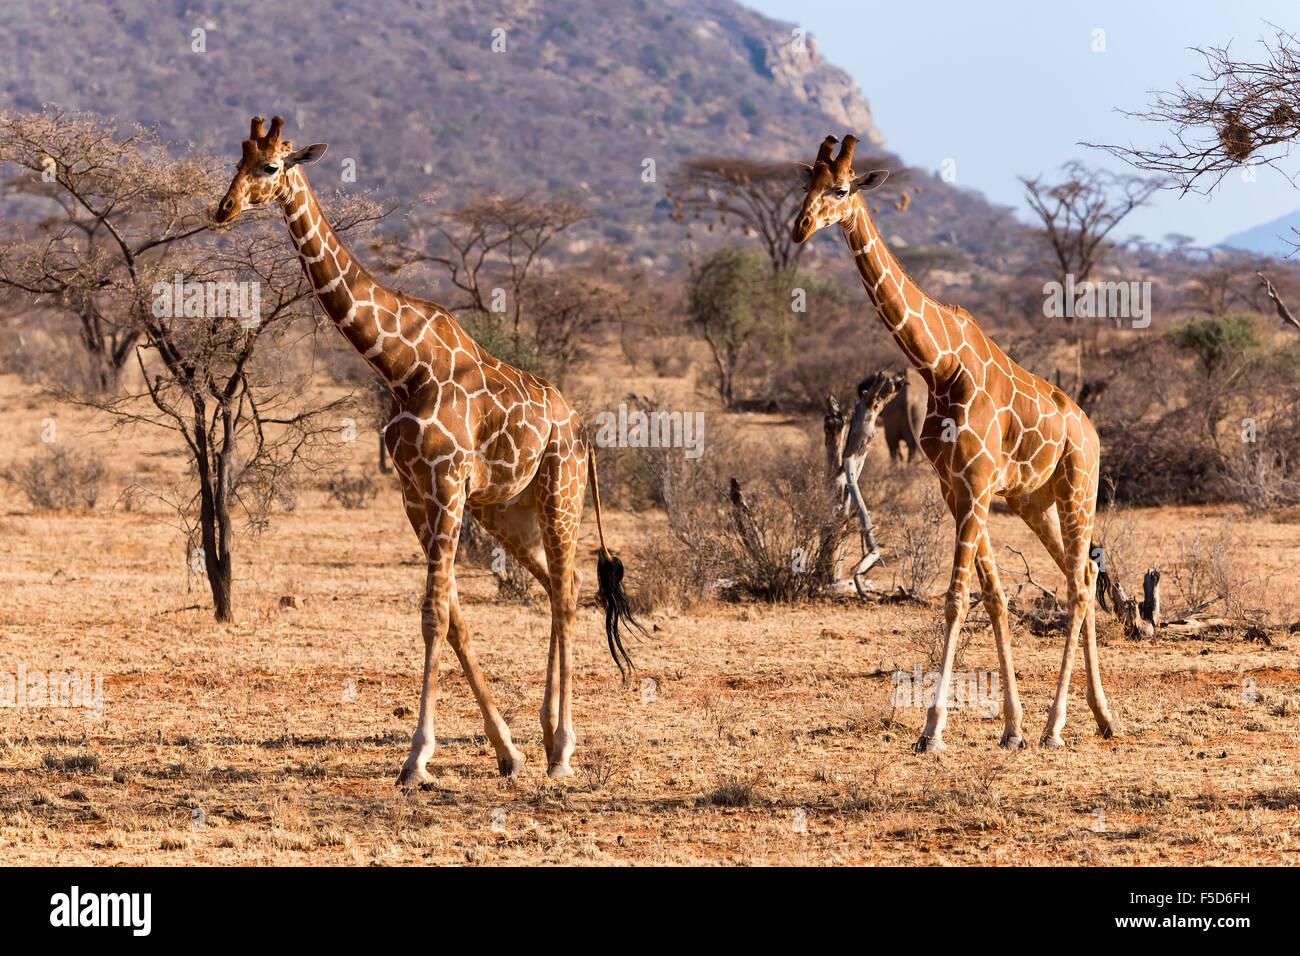 Le giraffe reticolate o giraffe somala (Giraffa camelopardalis reticulata) acceso, Samburu riserva nazionale, Kenya Foto Stock